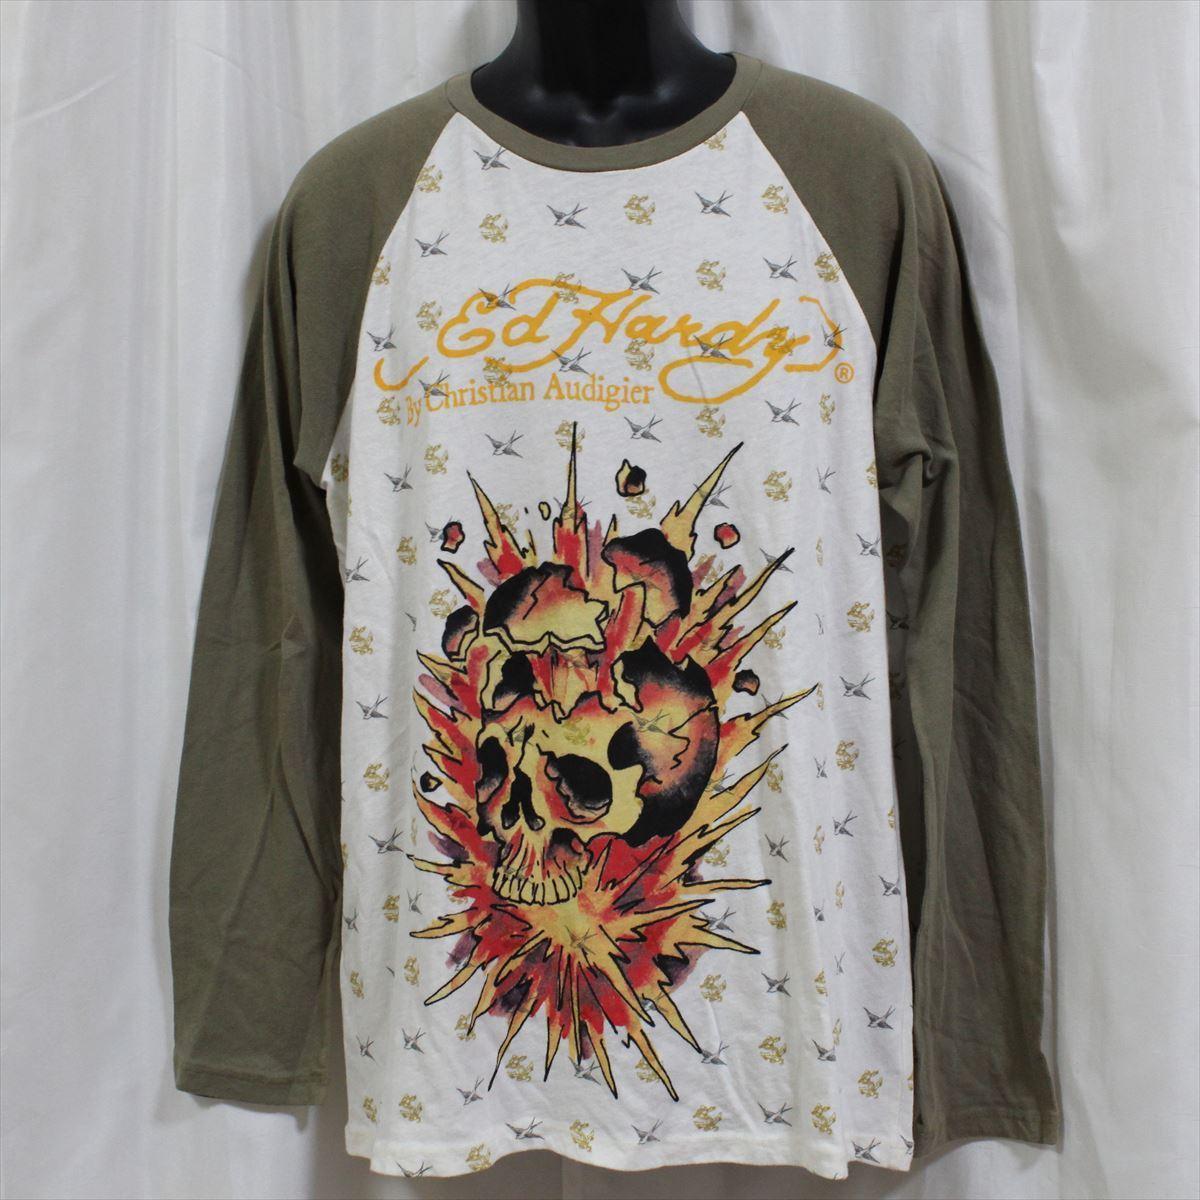 エドハーディー ED HARDY メンズ長袖Tシャツ カーキ Lサイズ M03TTMR312 新品 ラグランスリーブ アメリカ製_画像1